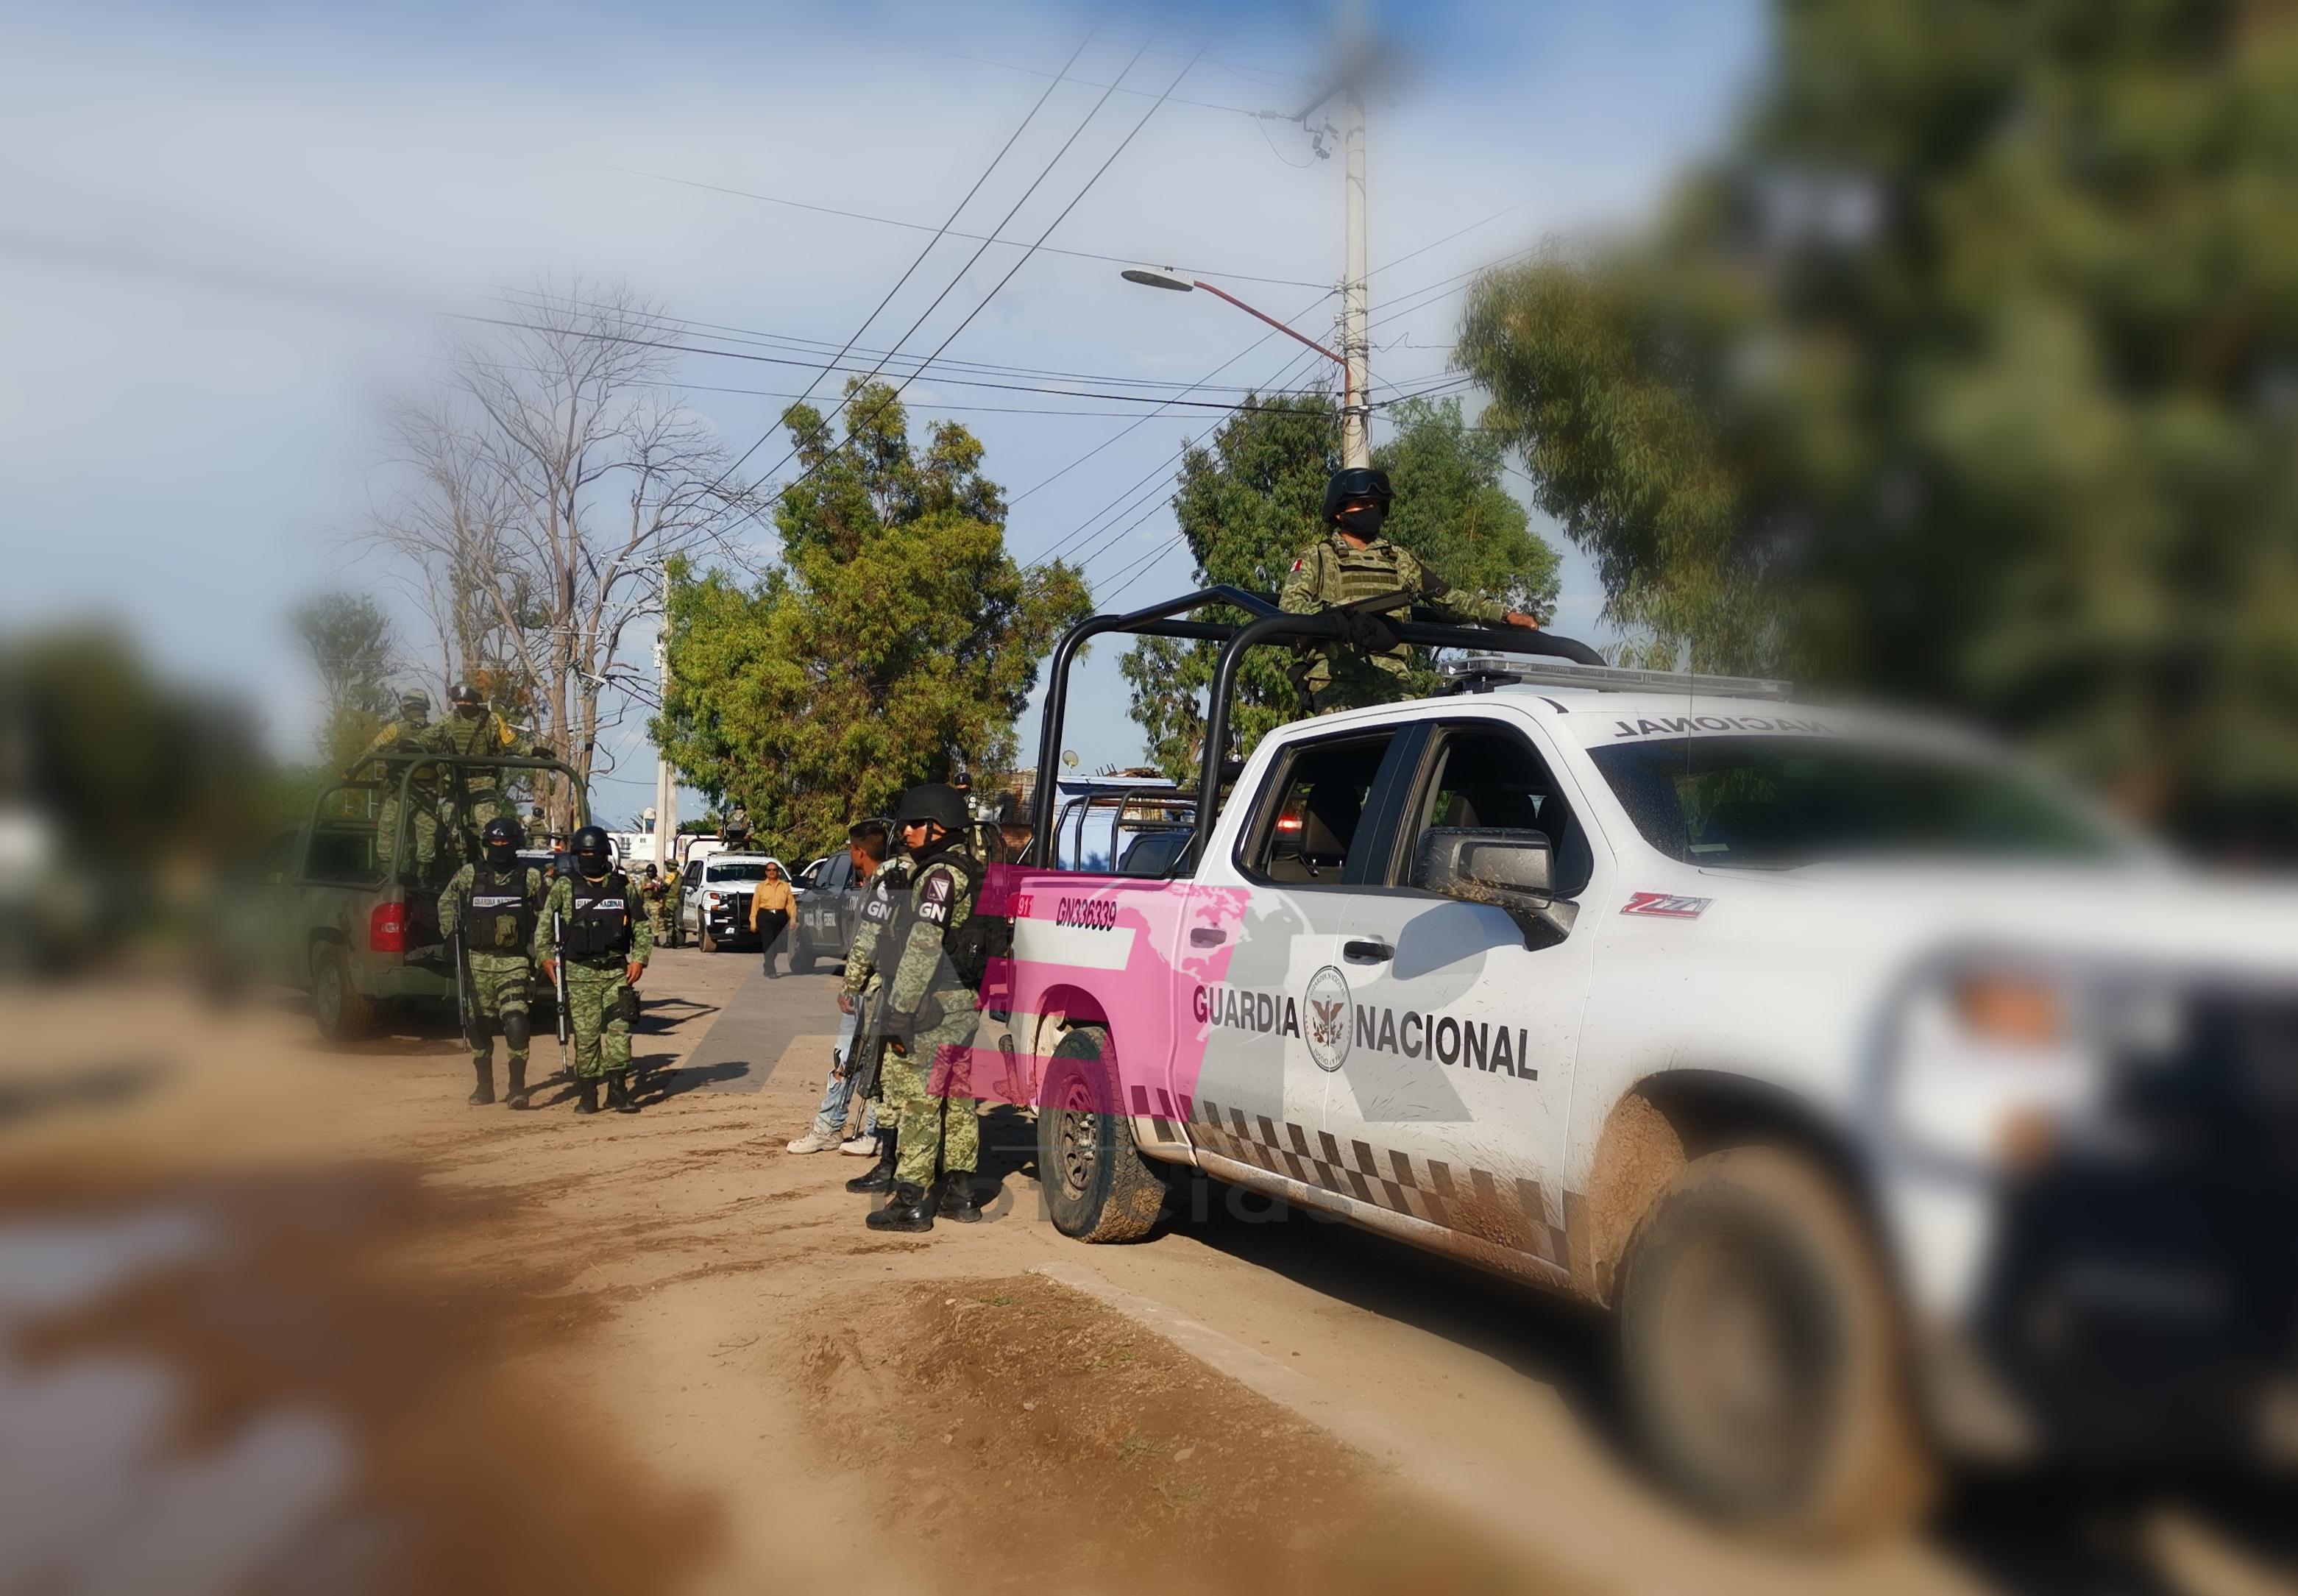 Un elemento de AIC y un civil muertos, en enfrentamiento en Tinaja del Coyote, Yuriria. 1